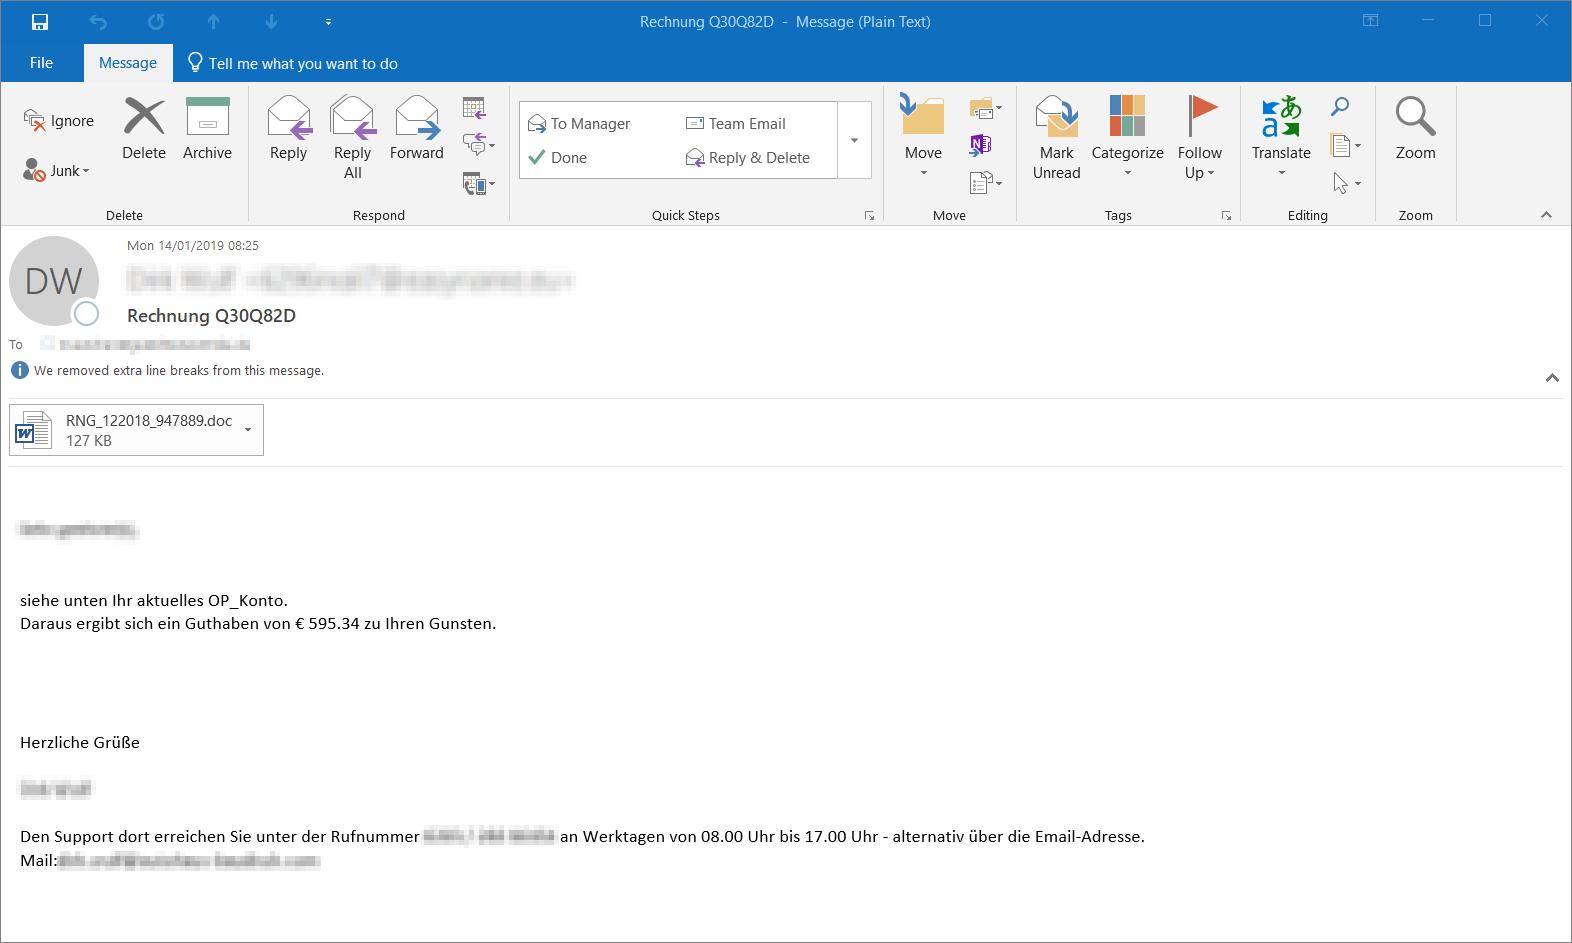 Ryuk Emotet E-Mail